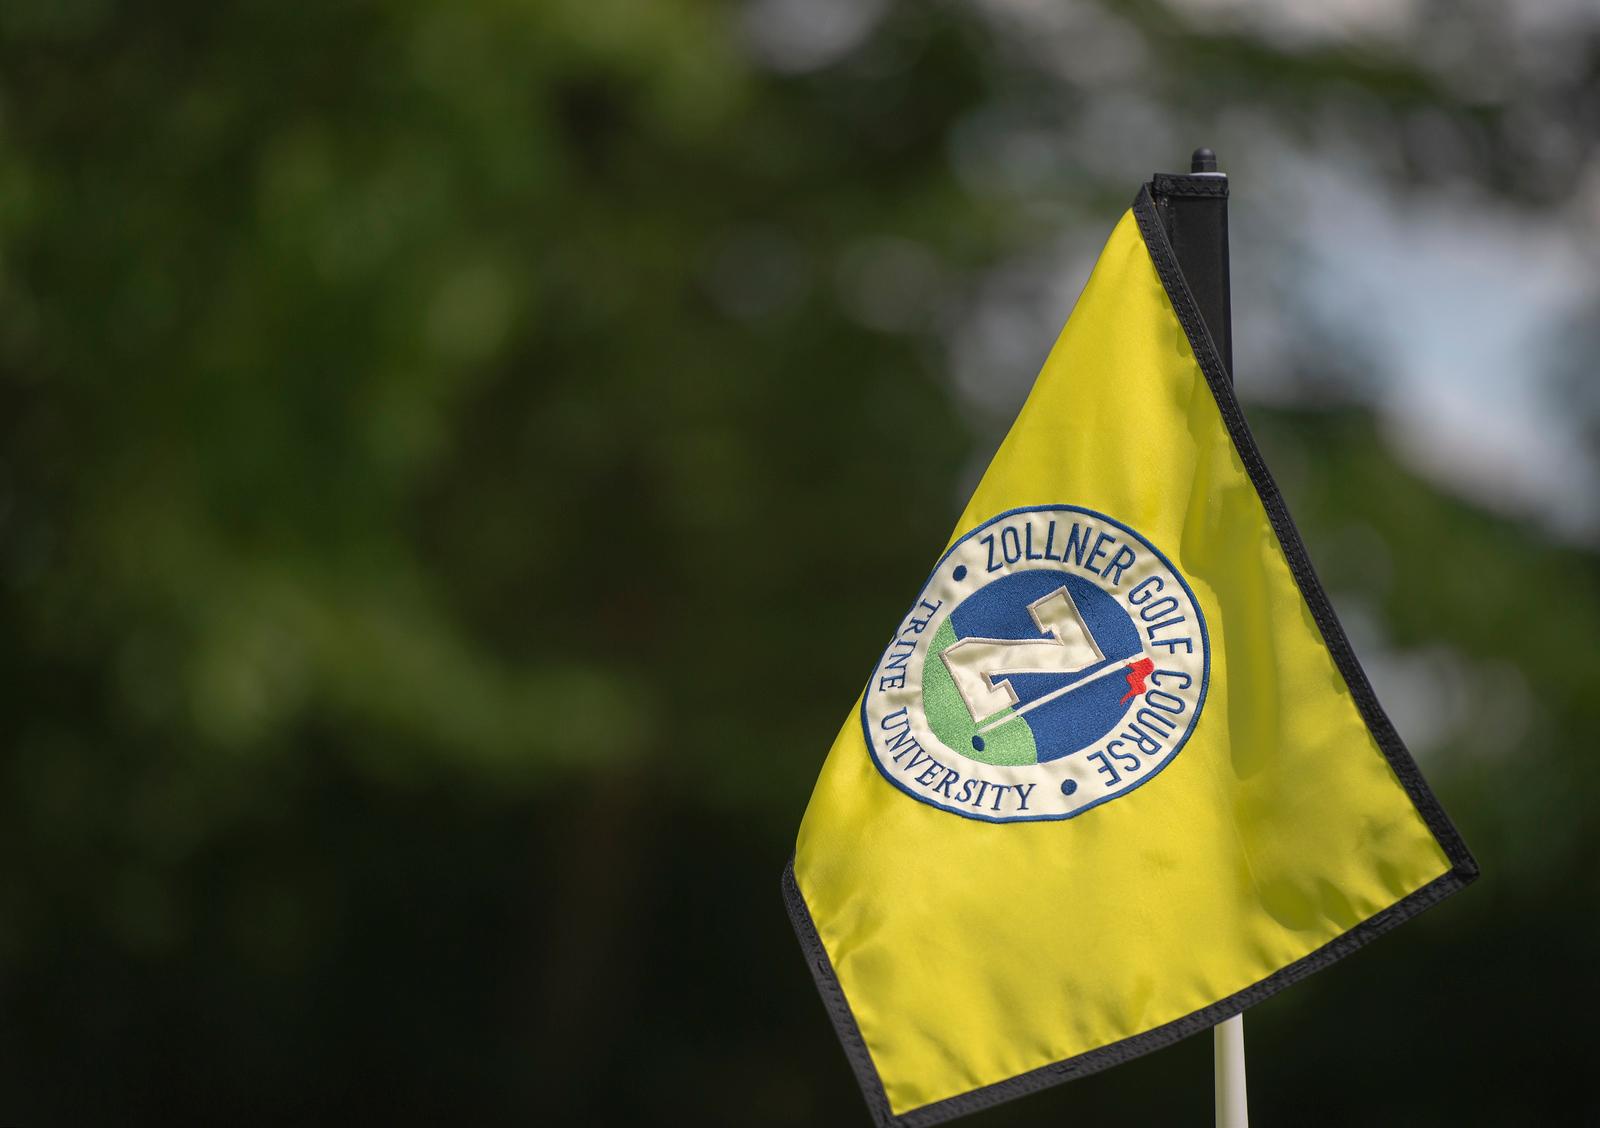 2020_golf_outing_zollner_flag_ND40984.jpg